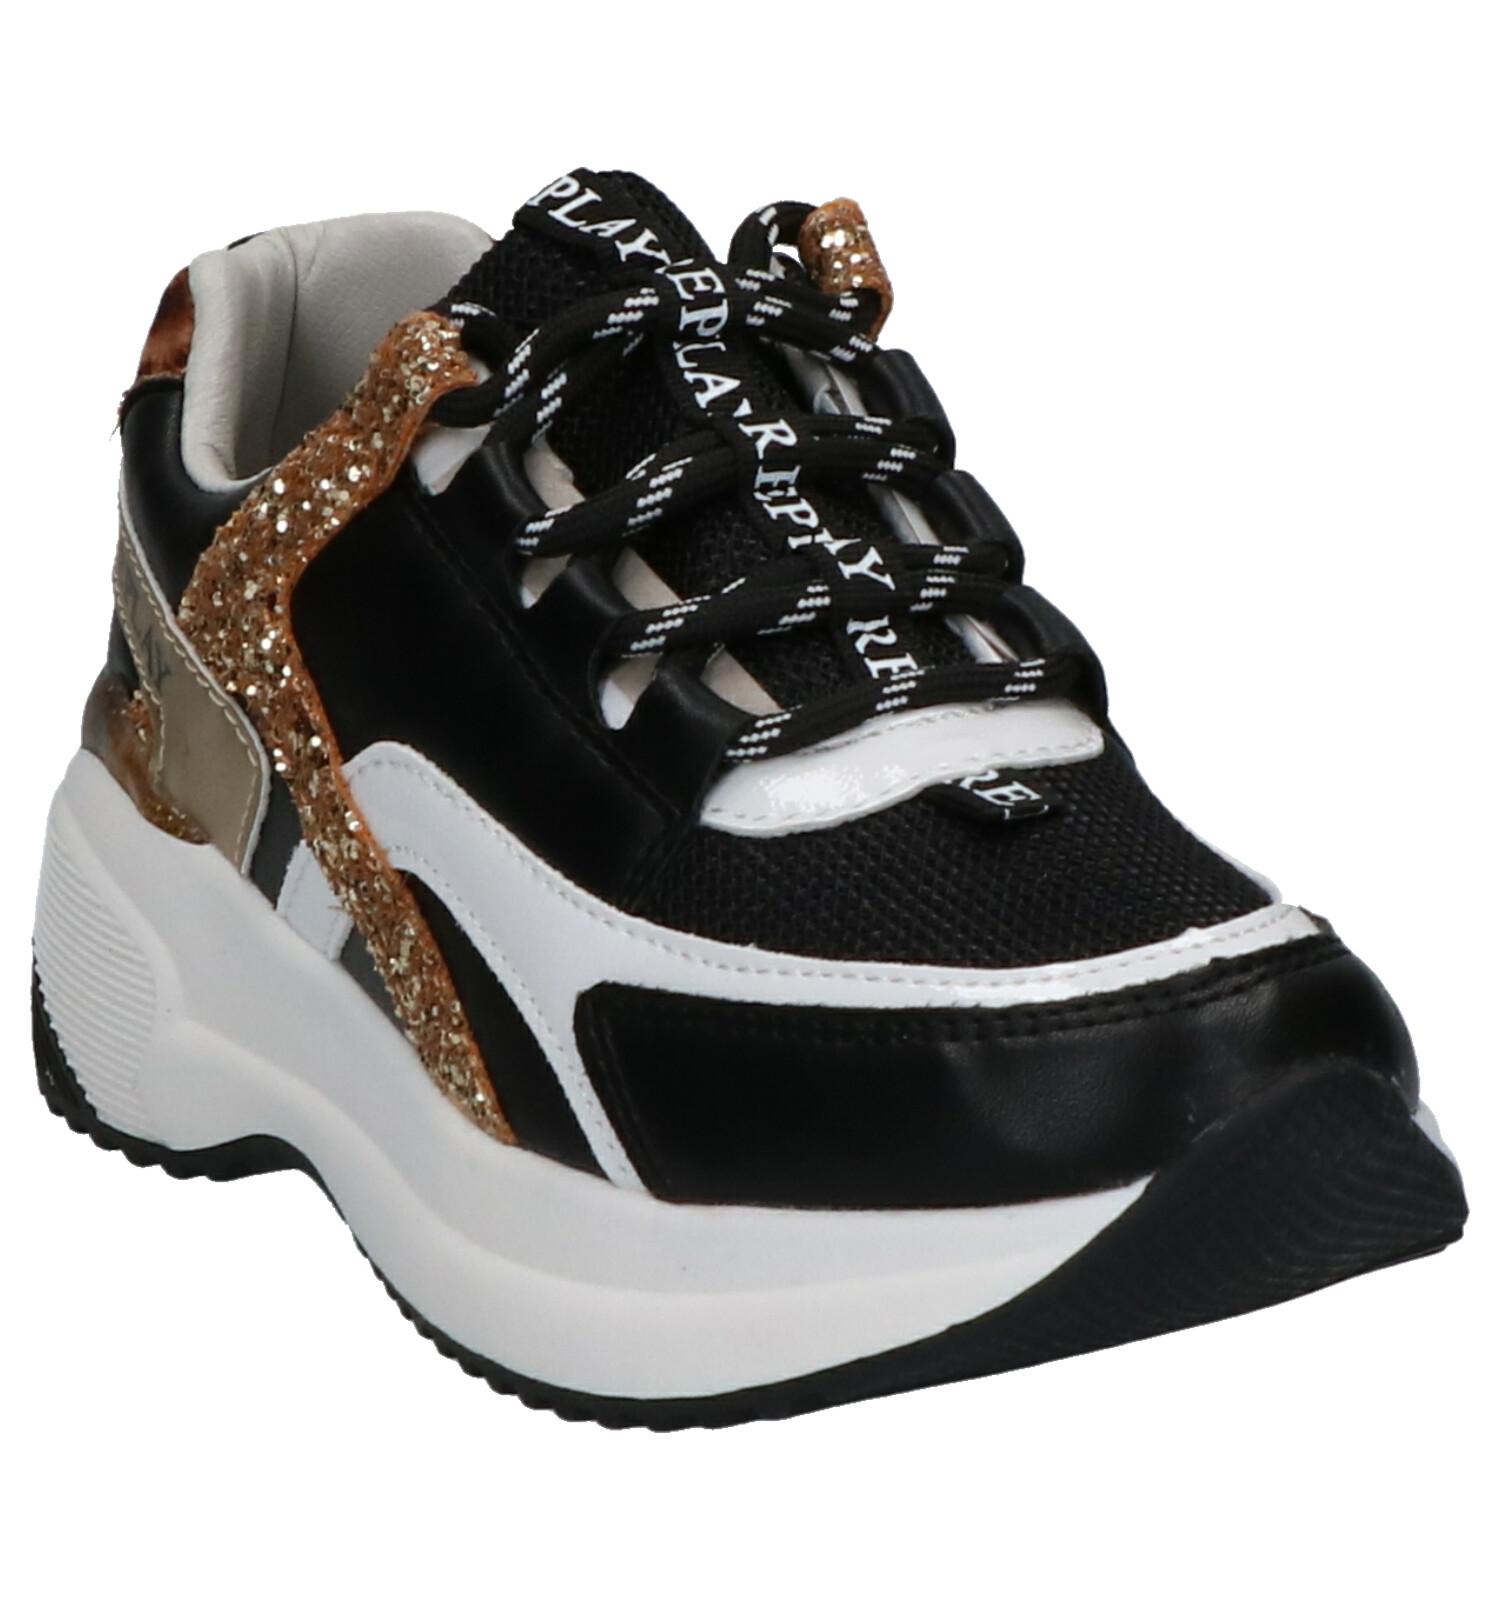 Replay Kumi Zwart Sneakers Replay Kumi Kumi Sneakers Replay Sneakers Zwart Zwart Replay iPkOXZu